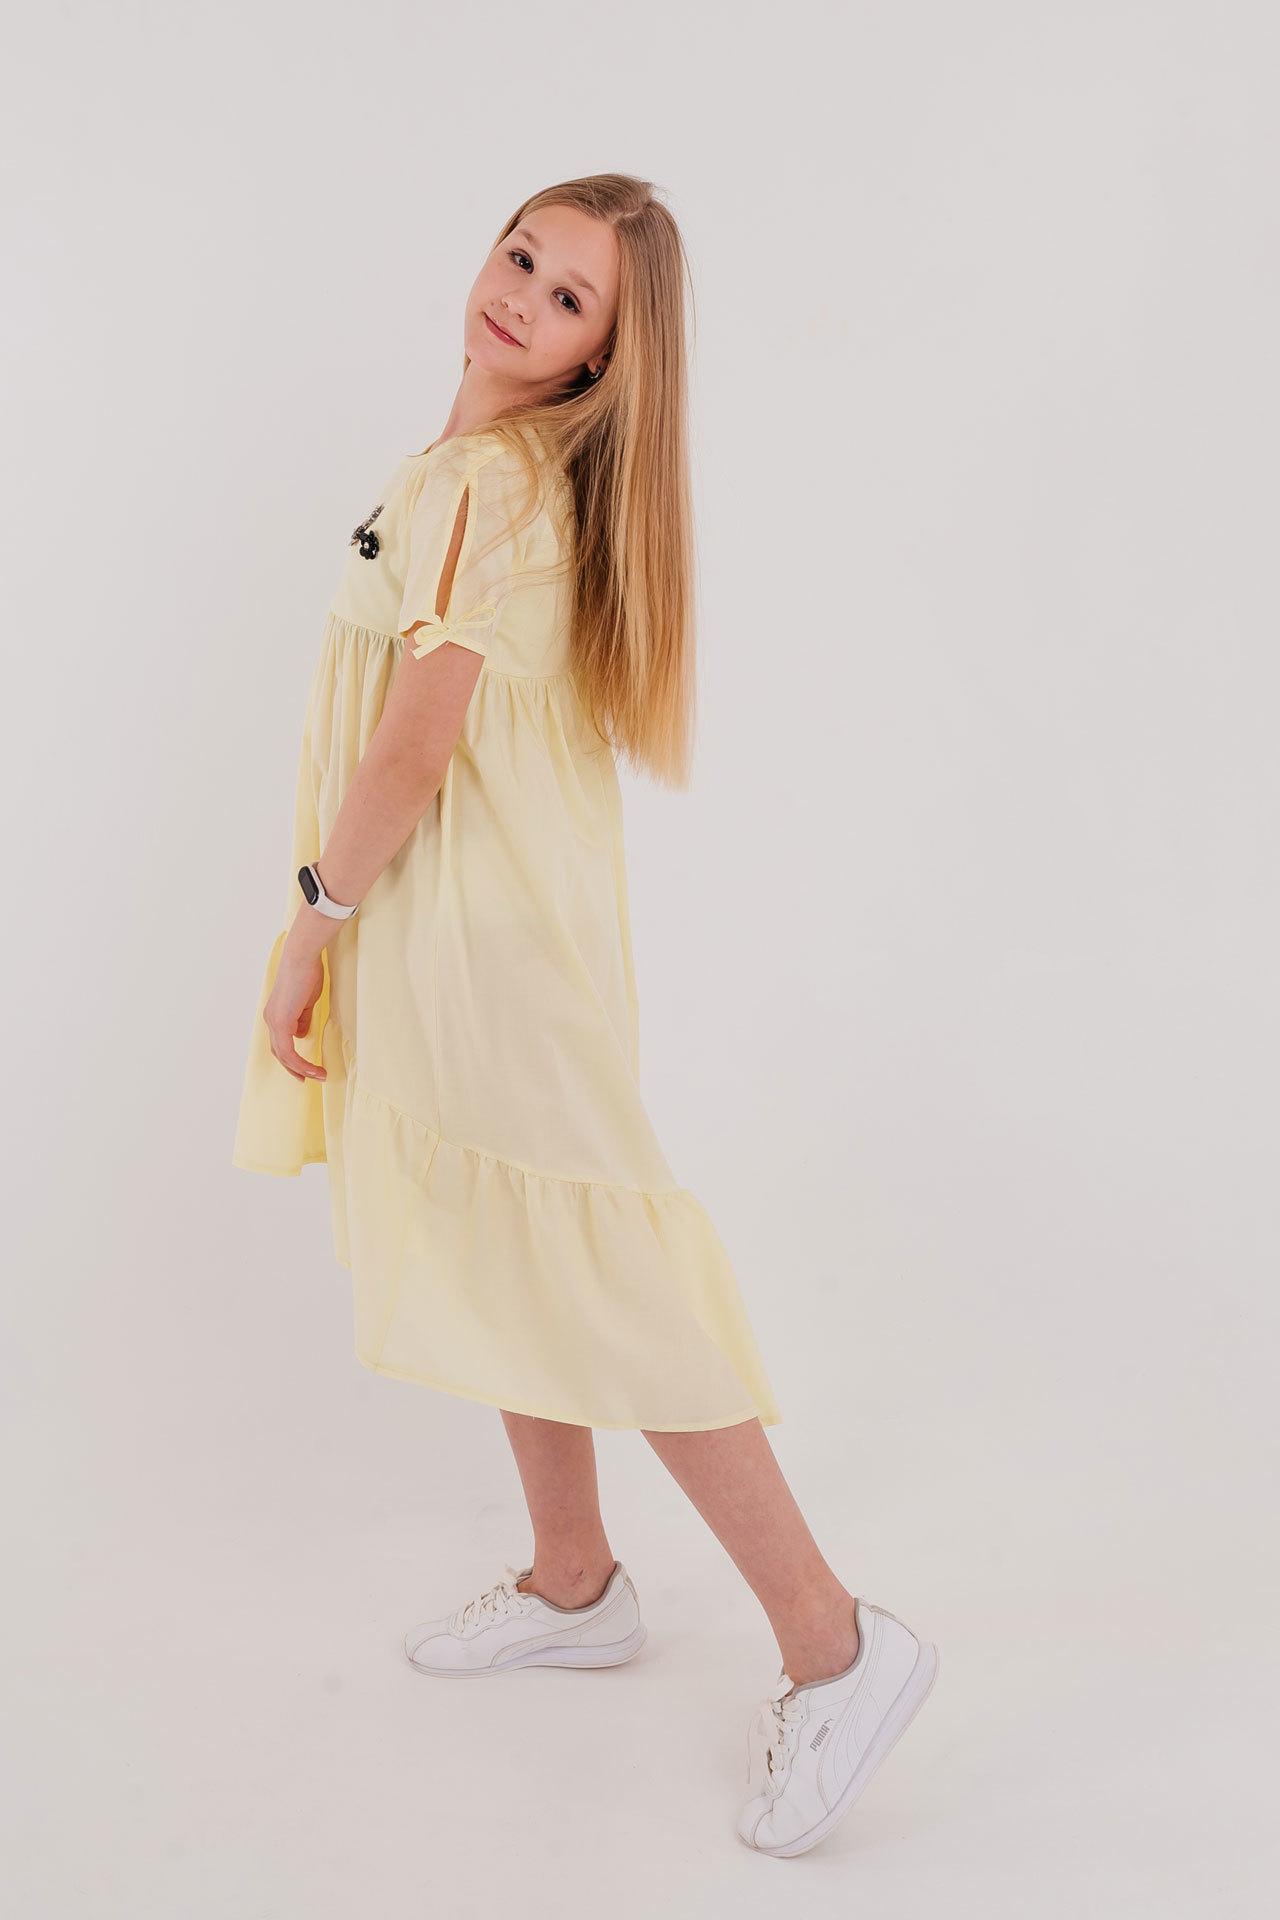 Платье хлопок удлиненное Brows Kids Турция, 7110 (128-164)